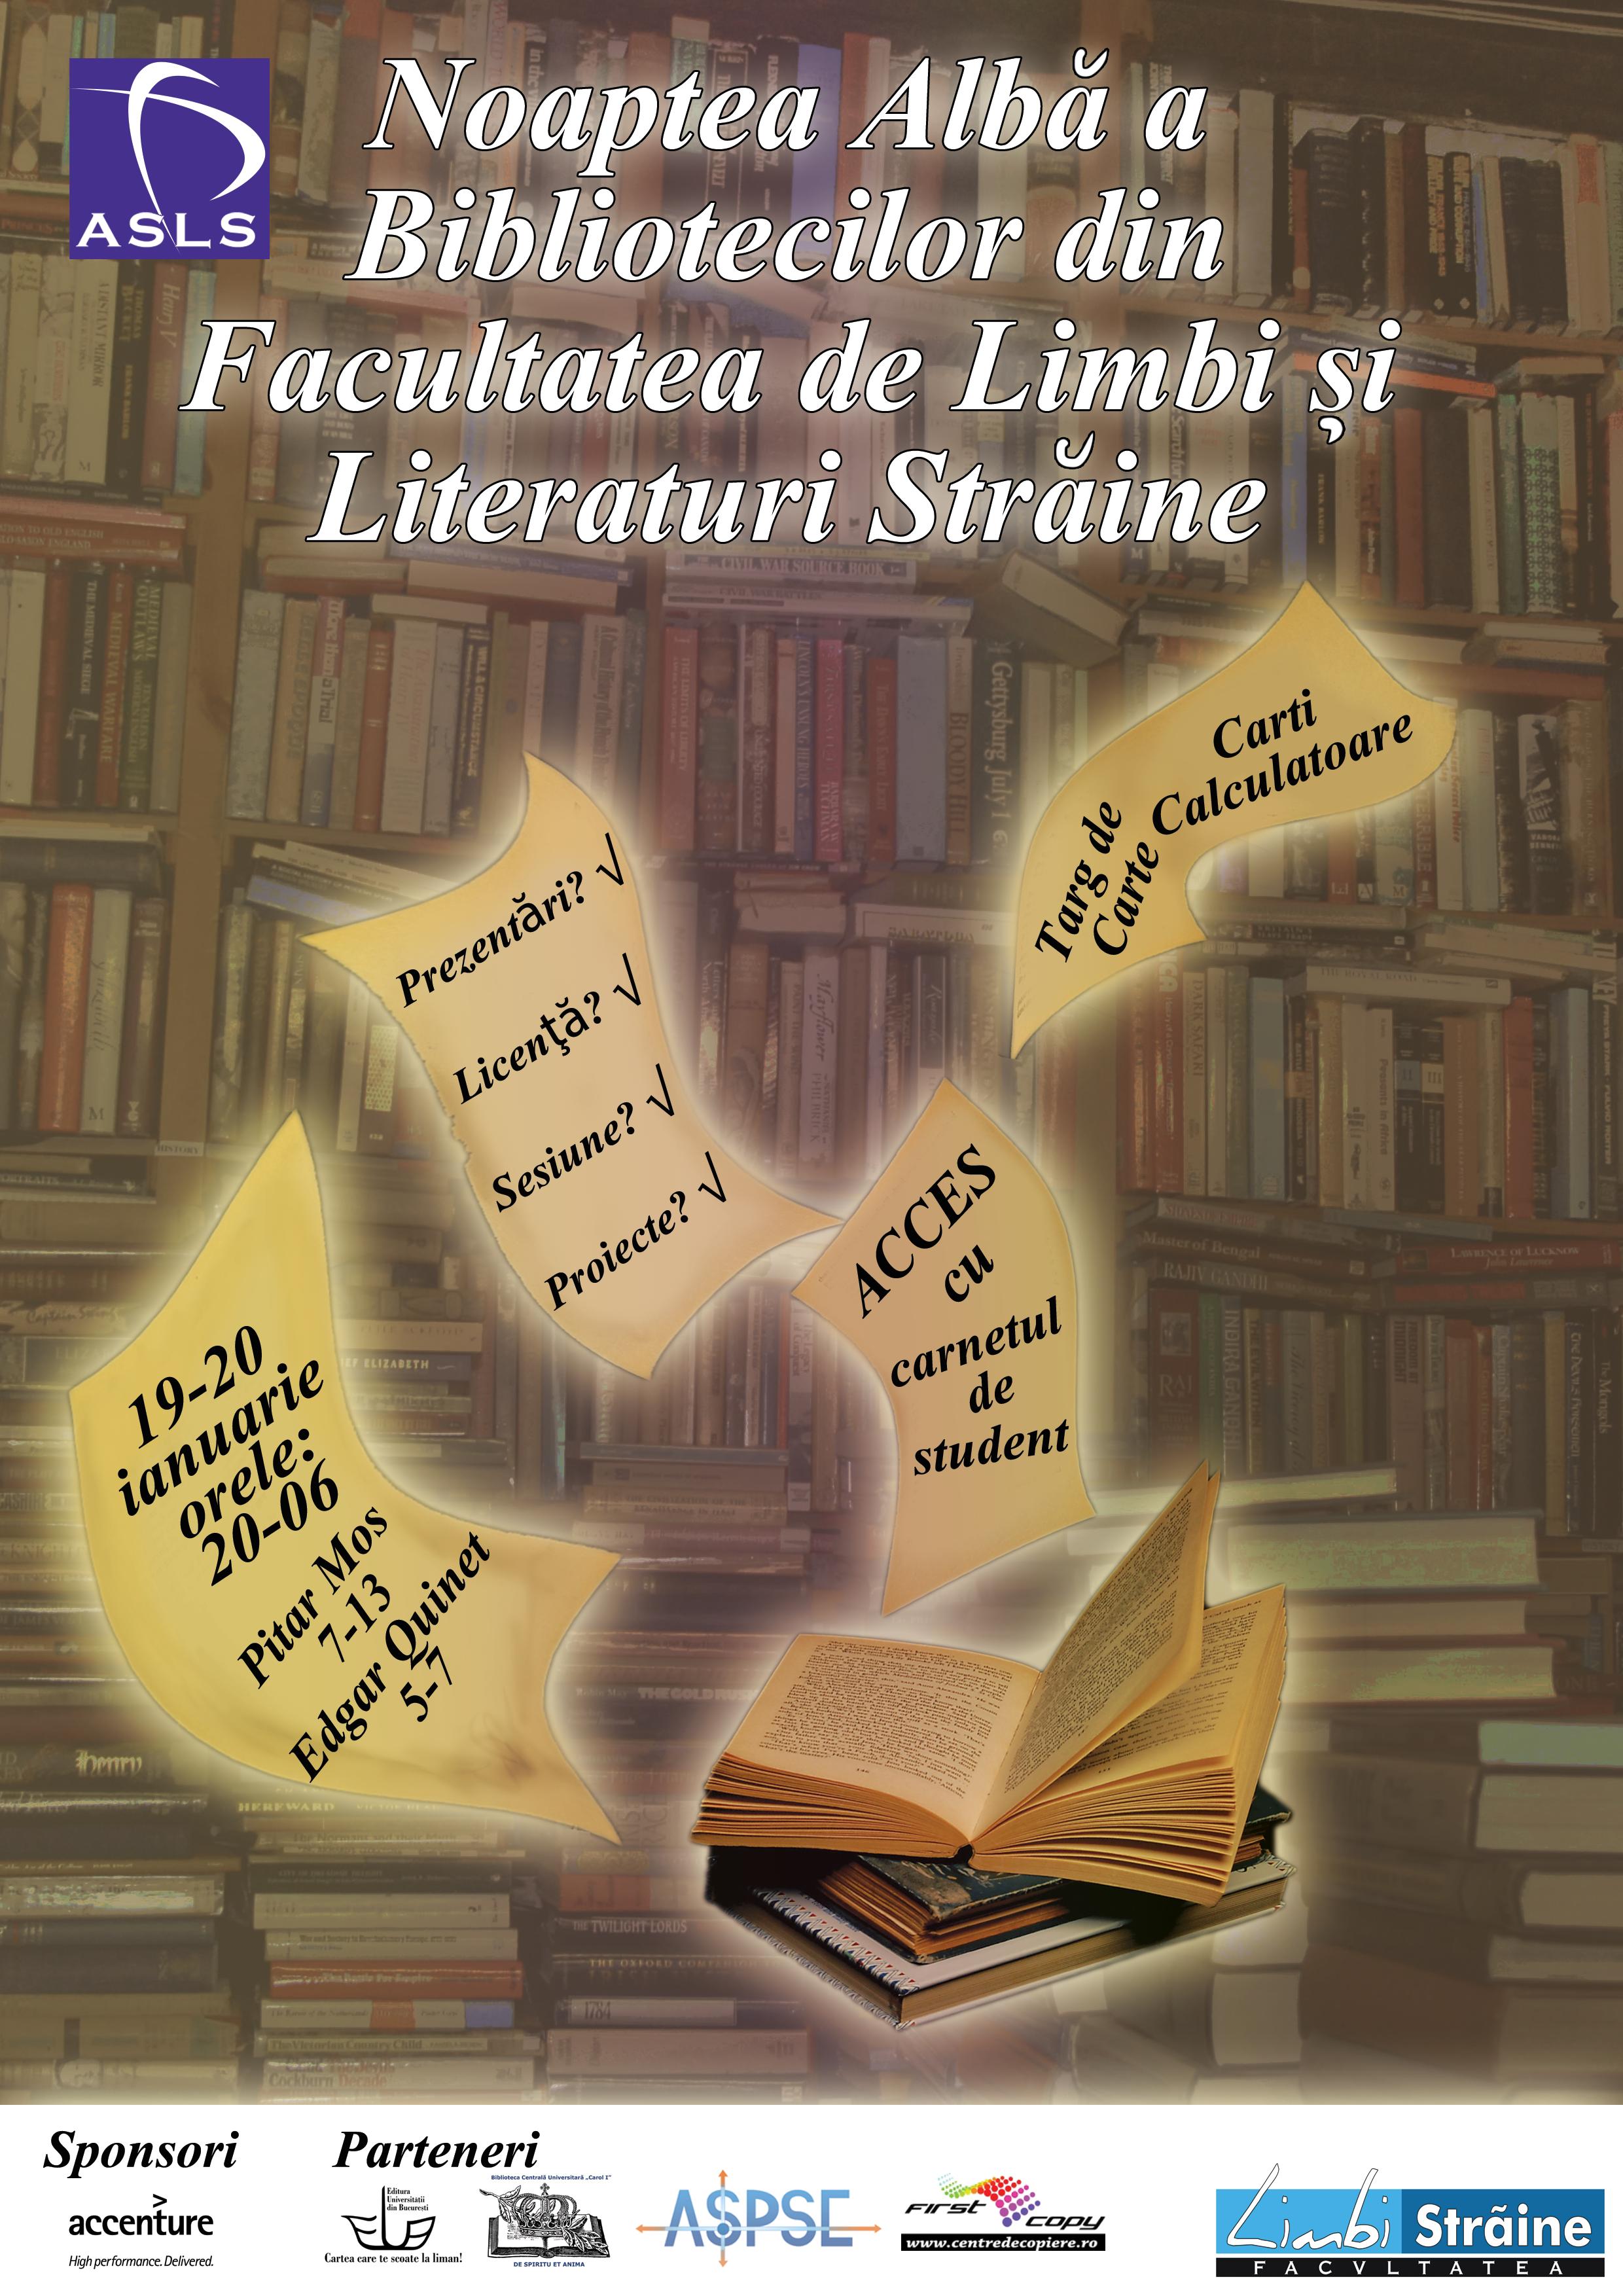 Noaptea Albă a Bibliotecilor din FLLS